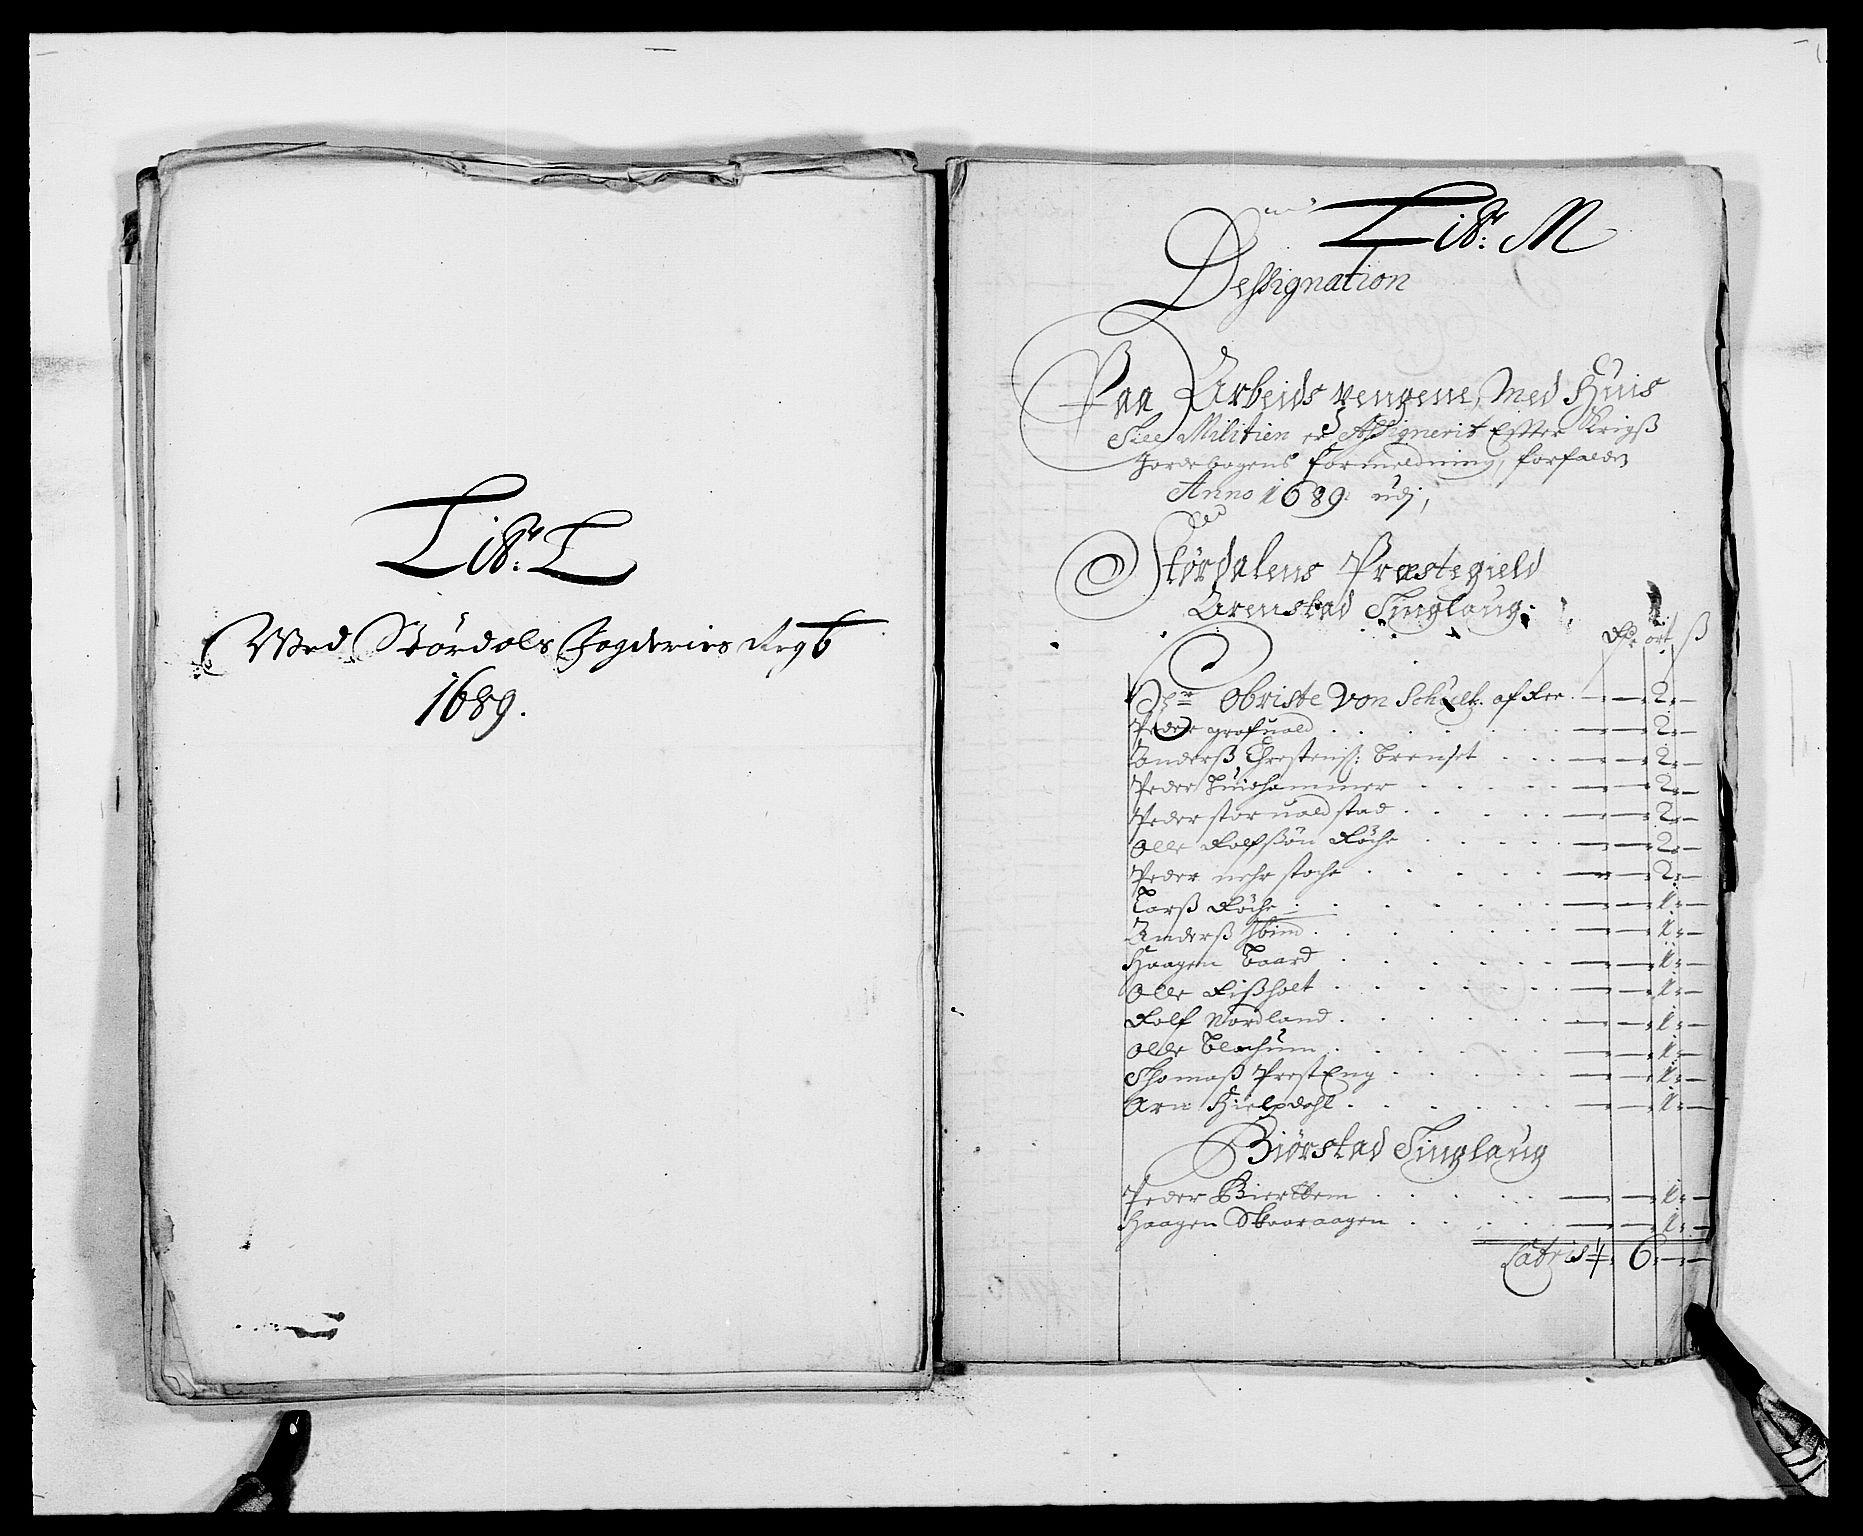 RA, Rentekammeret inntil 1814, Reviderte regnskaper, Fogderegnskap, R62/L4183: Fogderegnskap Stjørdal og Verdal, 1687-1689, s. 383